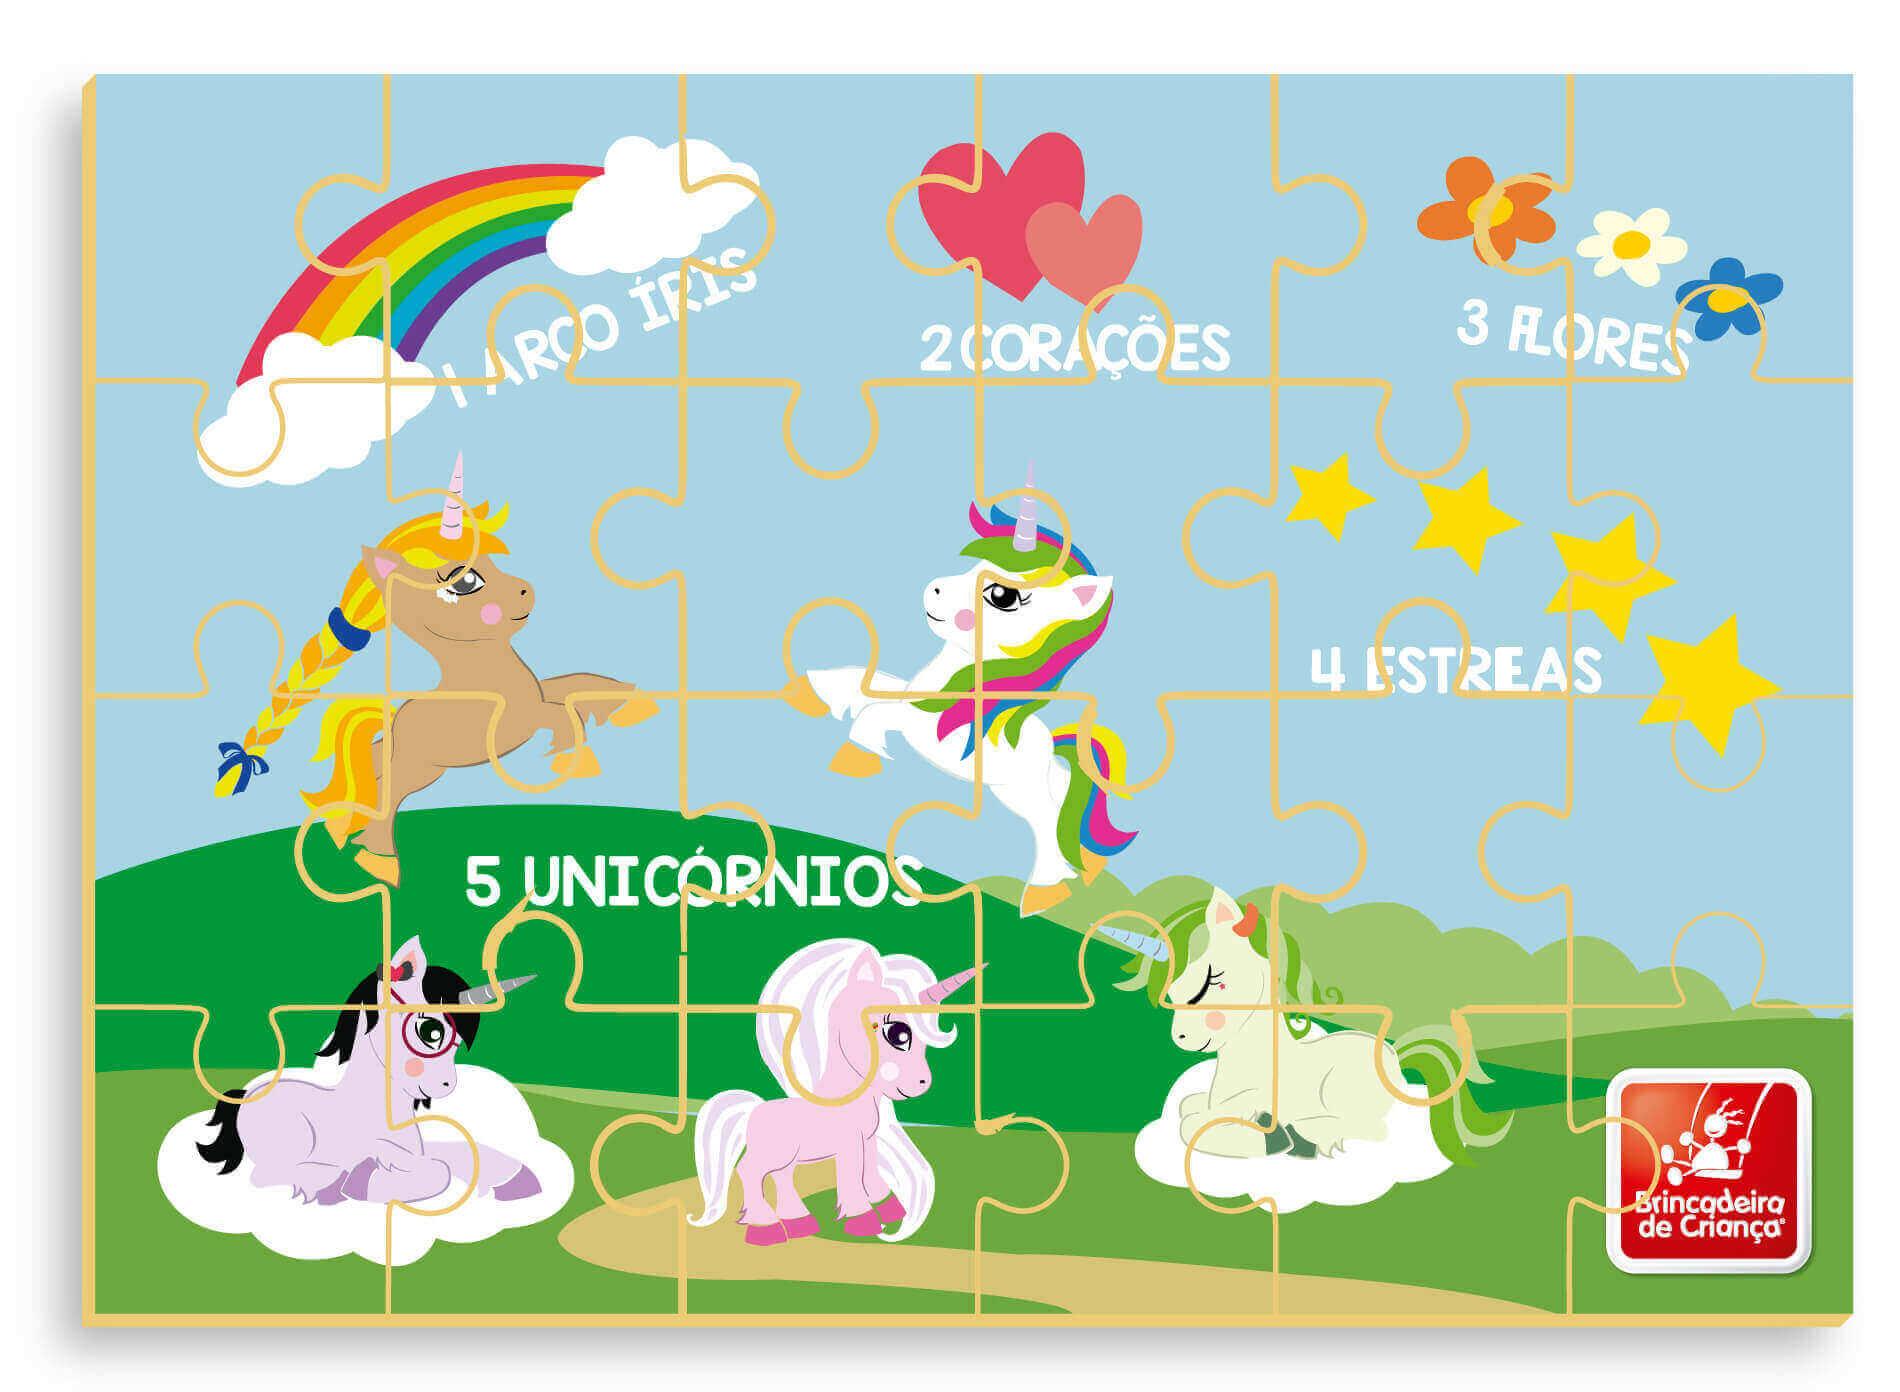 Quebra-Cabeça Números e Quantidades Unicórnios 24 Peças Em Madeira Brincadeira de Criança